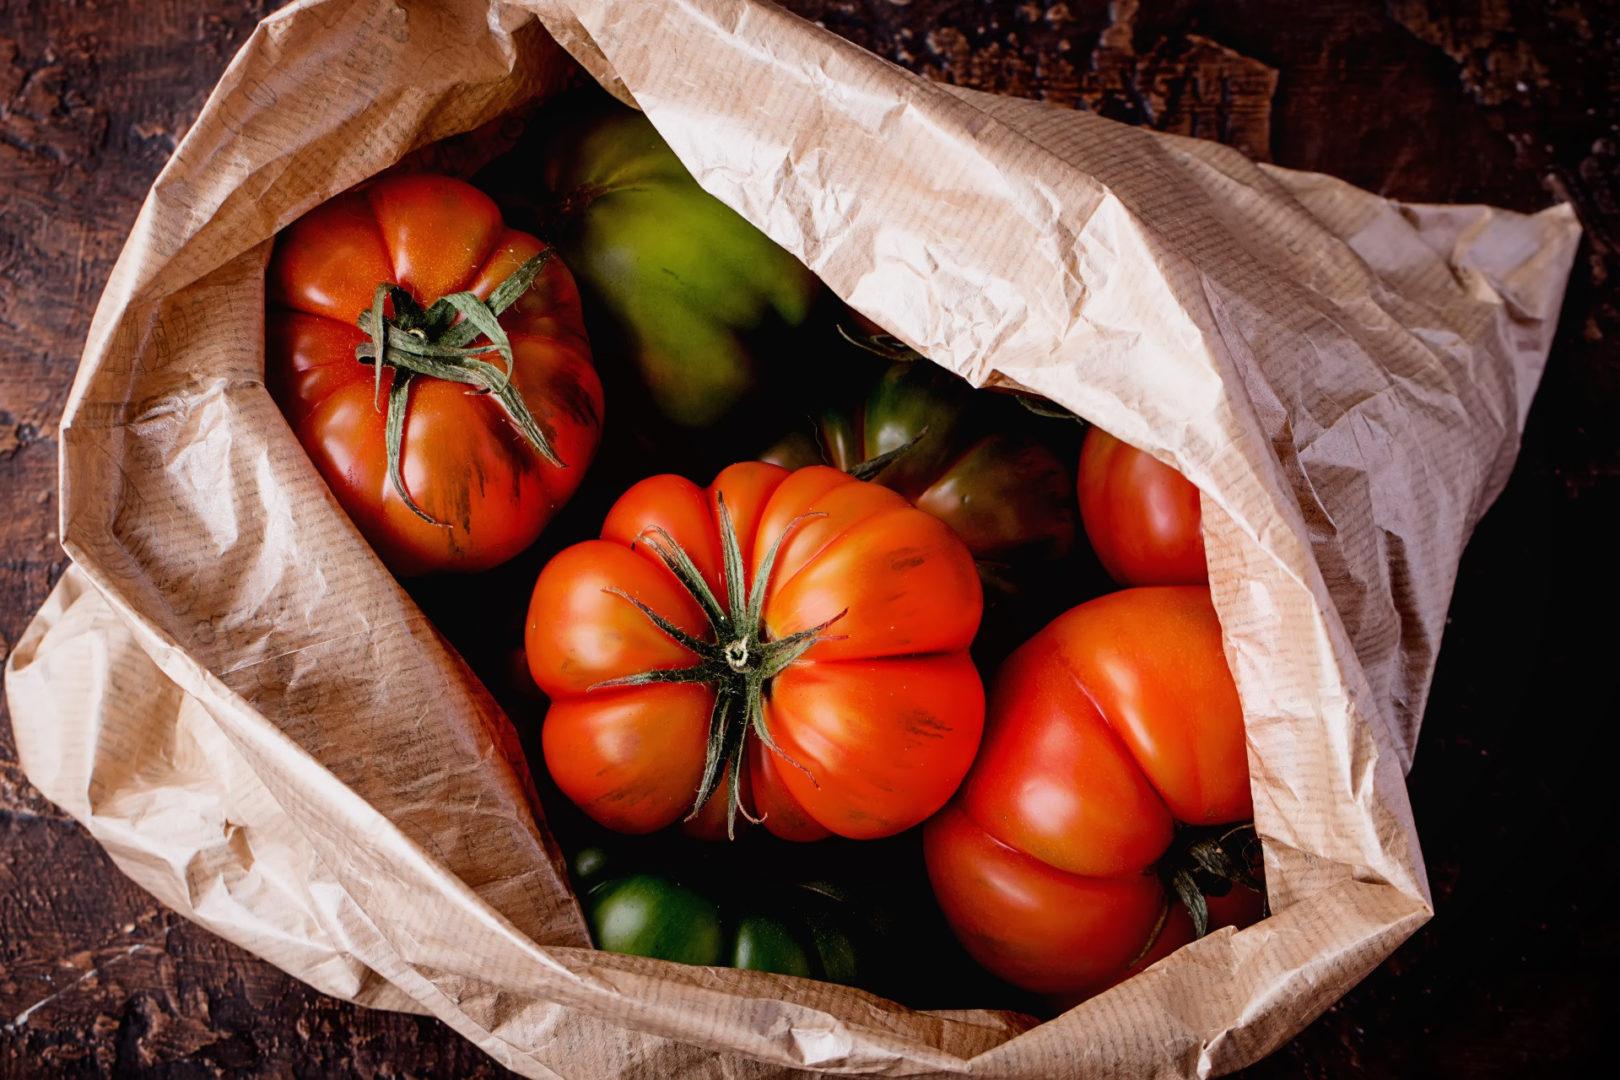 τροφές που ρίχνουν τη χοληστερίνη - selection of finest italian organic tomatoes - 6+1 τροφές που ρίχνουν τη χοληστερίνη